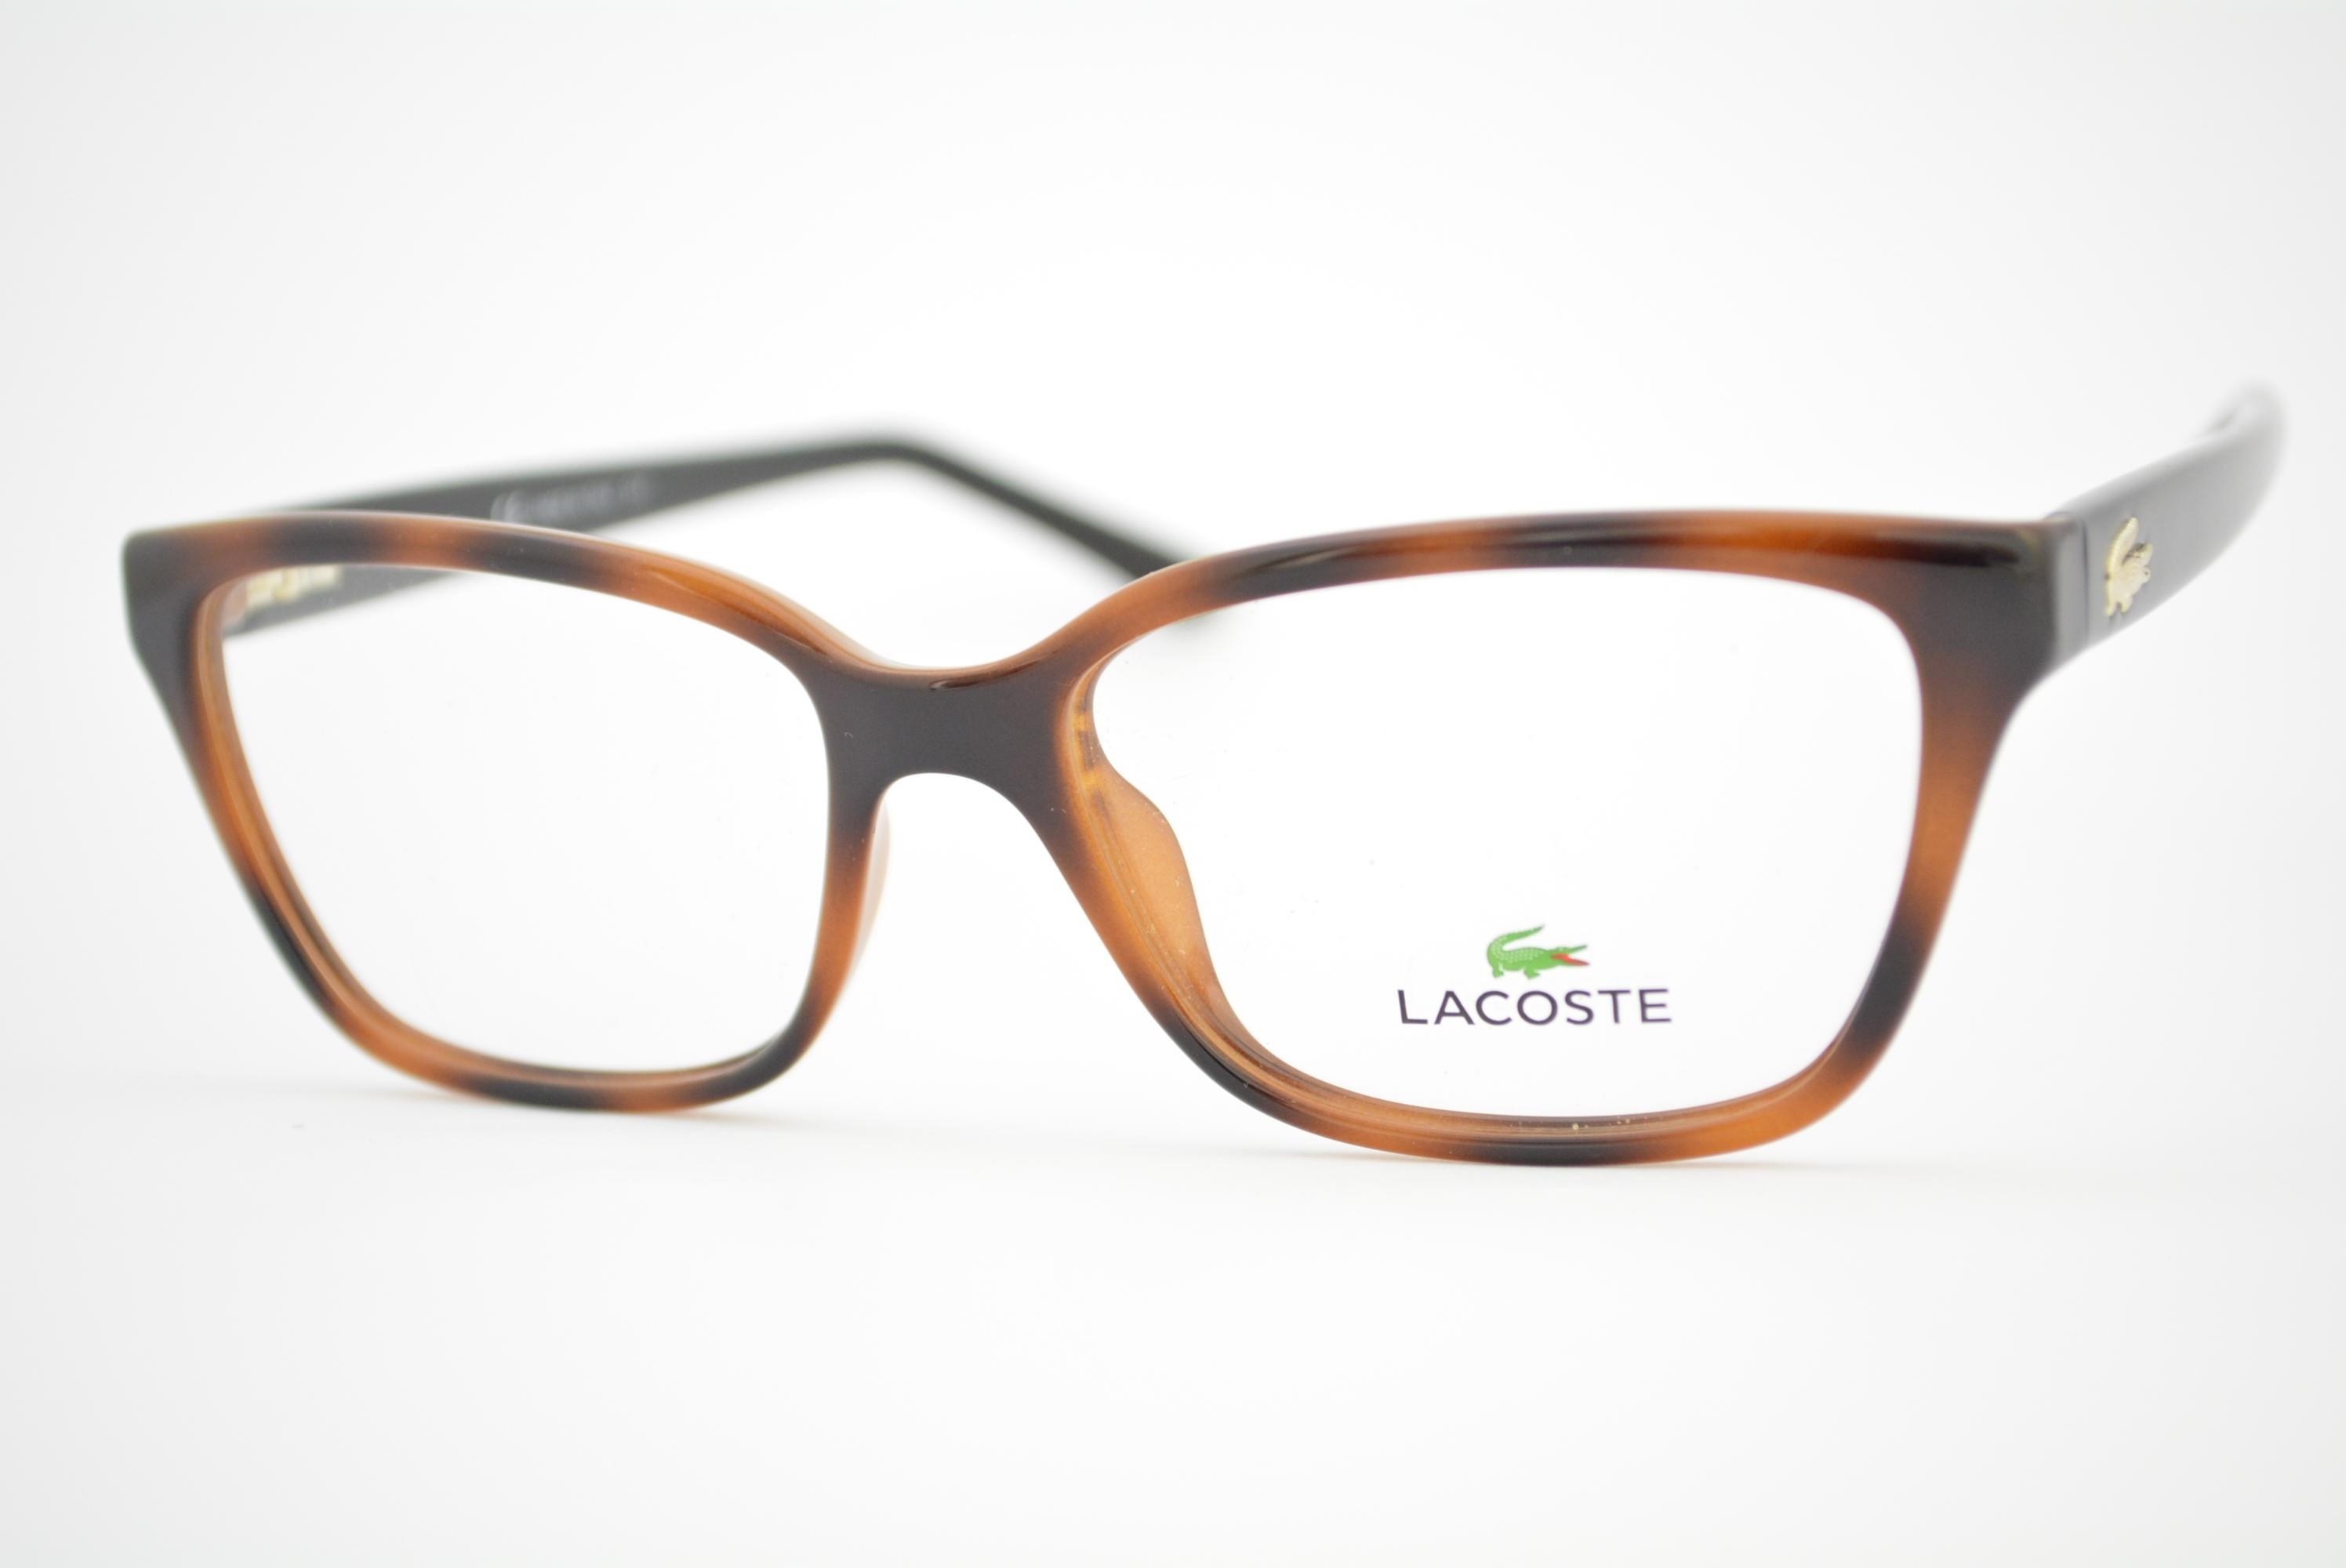 armação de óculos Lacoste mod L2785 214 Ótica Cardoso 76f5eba0f2